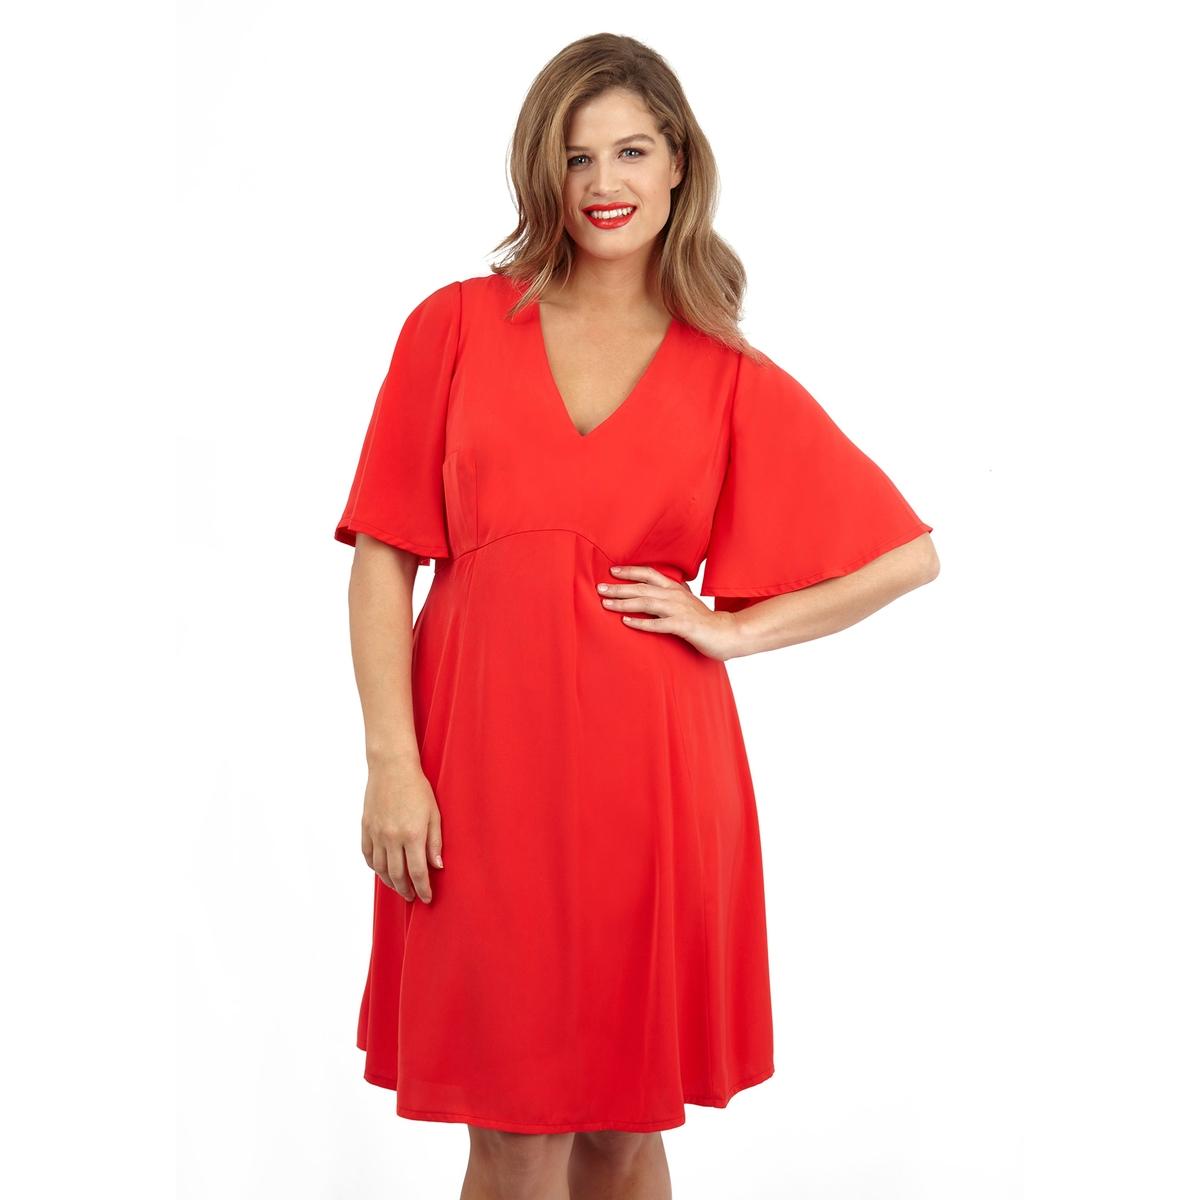 ПлатьеПлатье с короткими рукавами LOVEDROBE. Красивый глубокий V-образный вырез. 100% полиэстер.<br><br>Цвет: красный